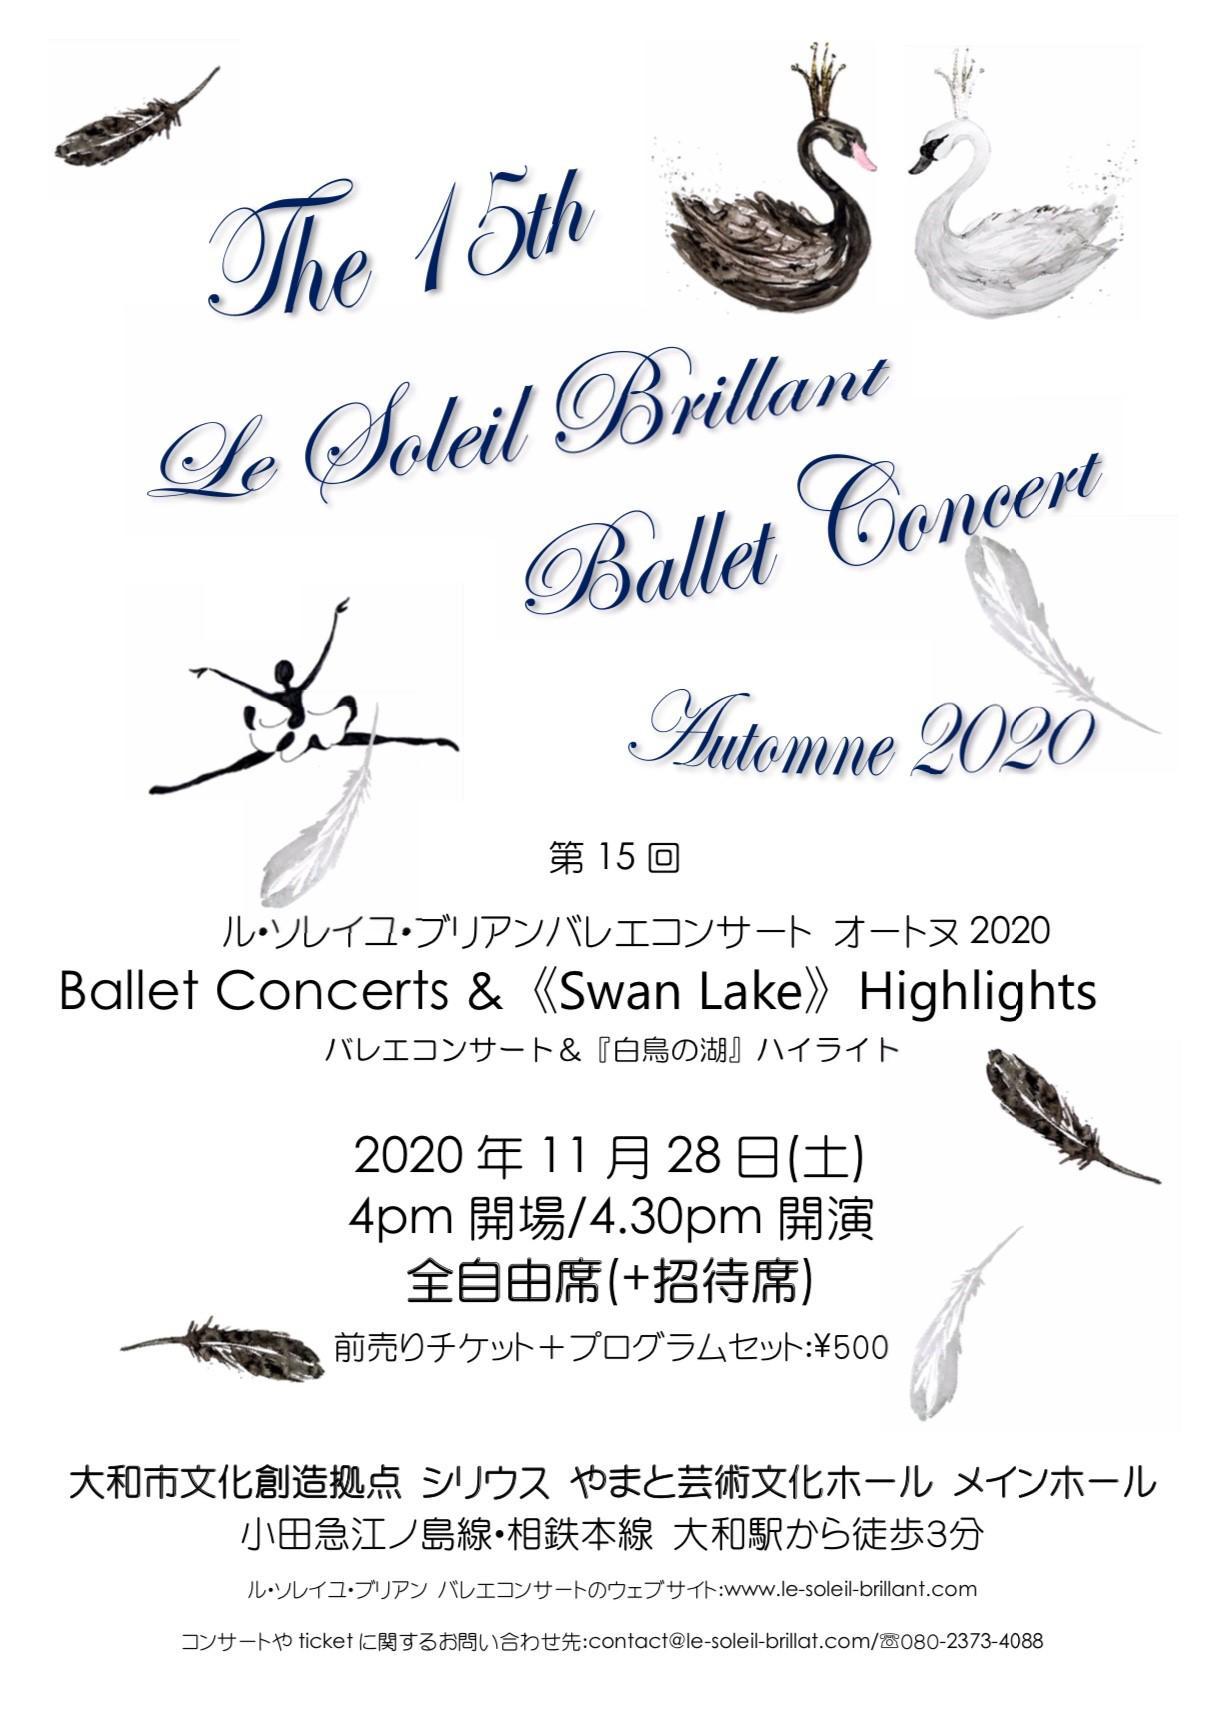 第15回 ル・ソレイユ・ブリアン バレエコンサート オートヌ2020